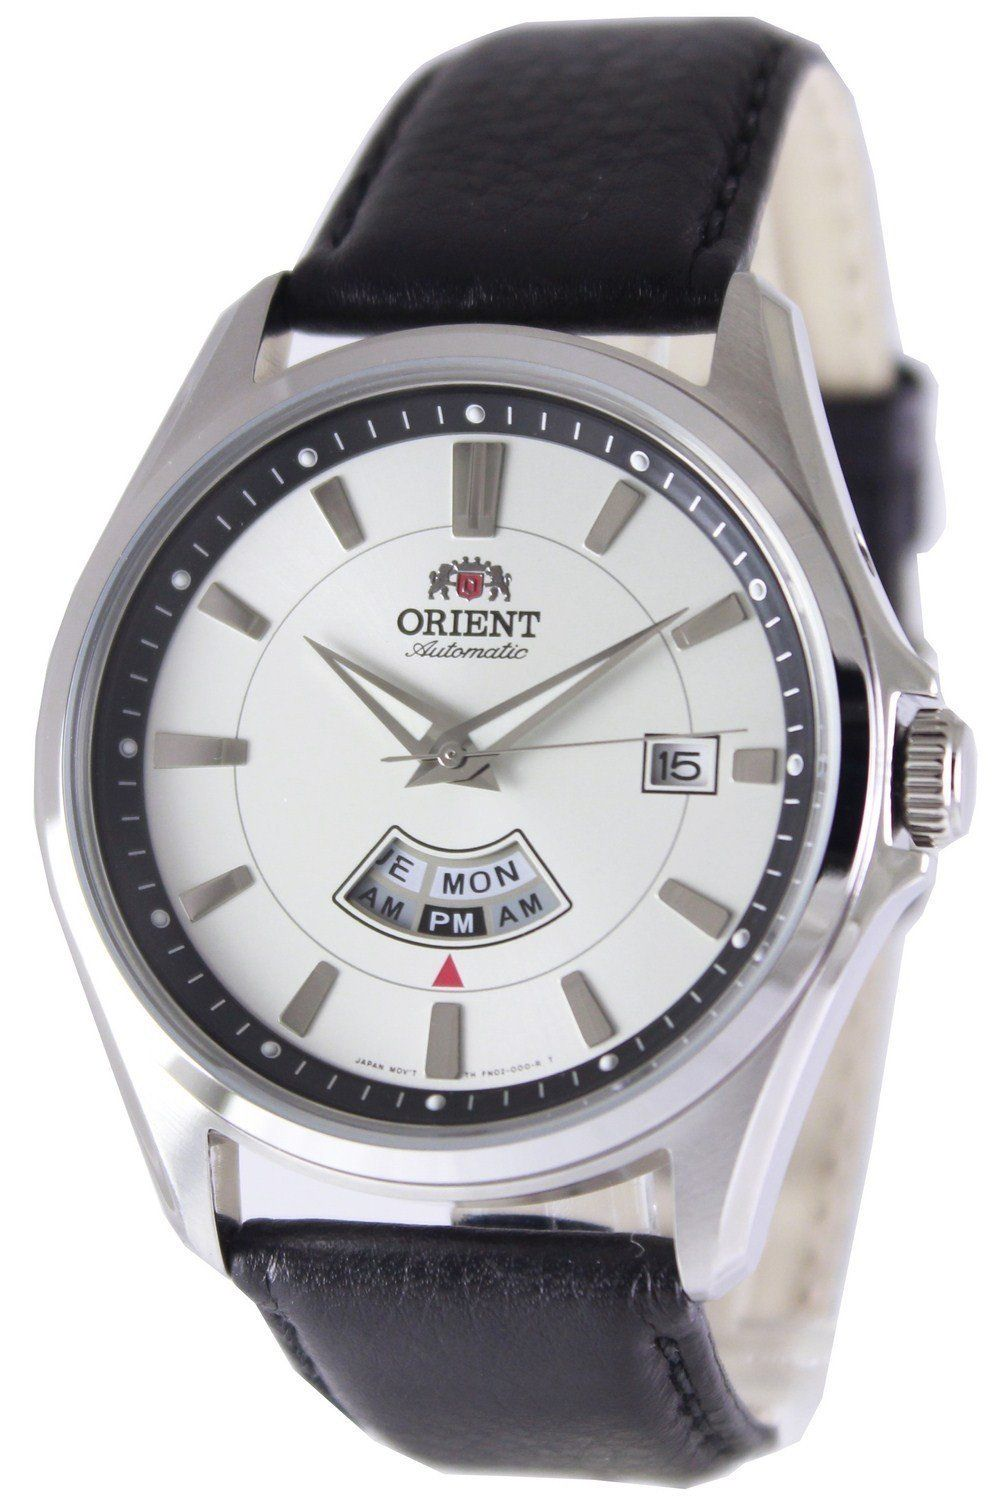 นาฬิกาผู้ชาย Orient รุ่น FN02005W, Automatic Classic 21 Jewels White Dial